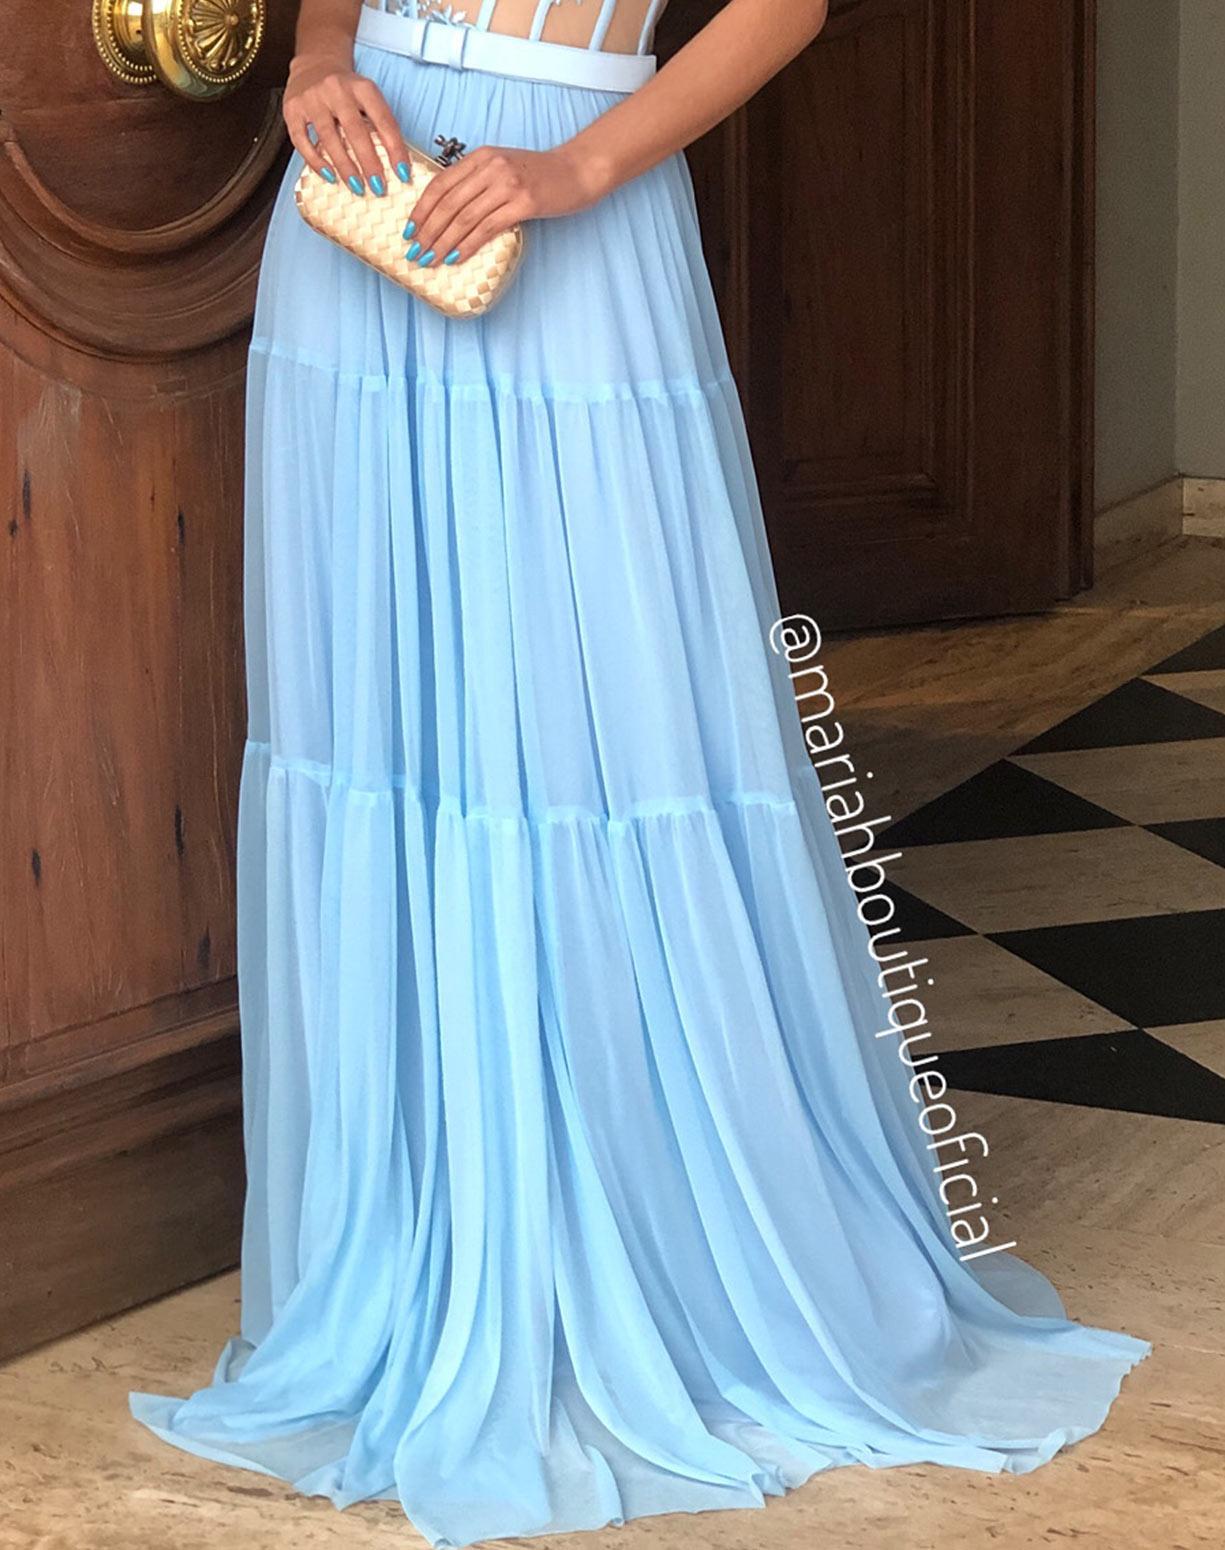 Vestido Azul Serenity com Corpete e Saia em Tule